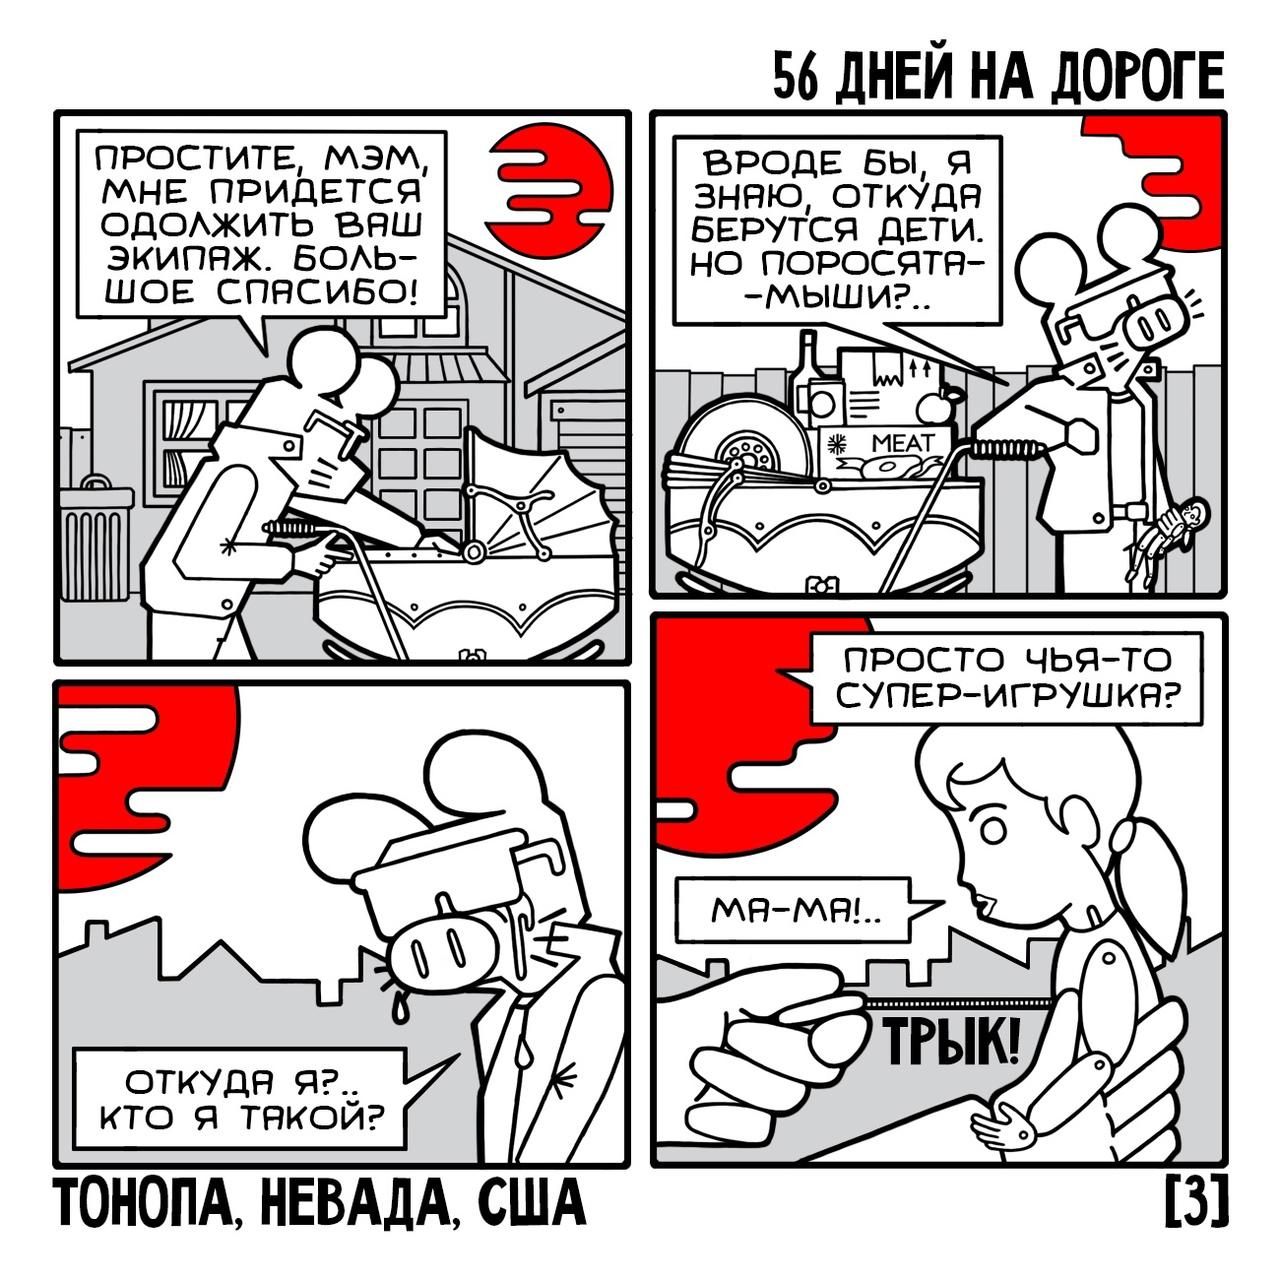 Автор комикса «Поросёнок-Мышь»: оконцепции, вдохновении и фантастики 4